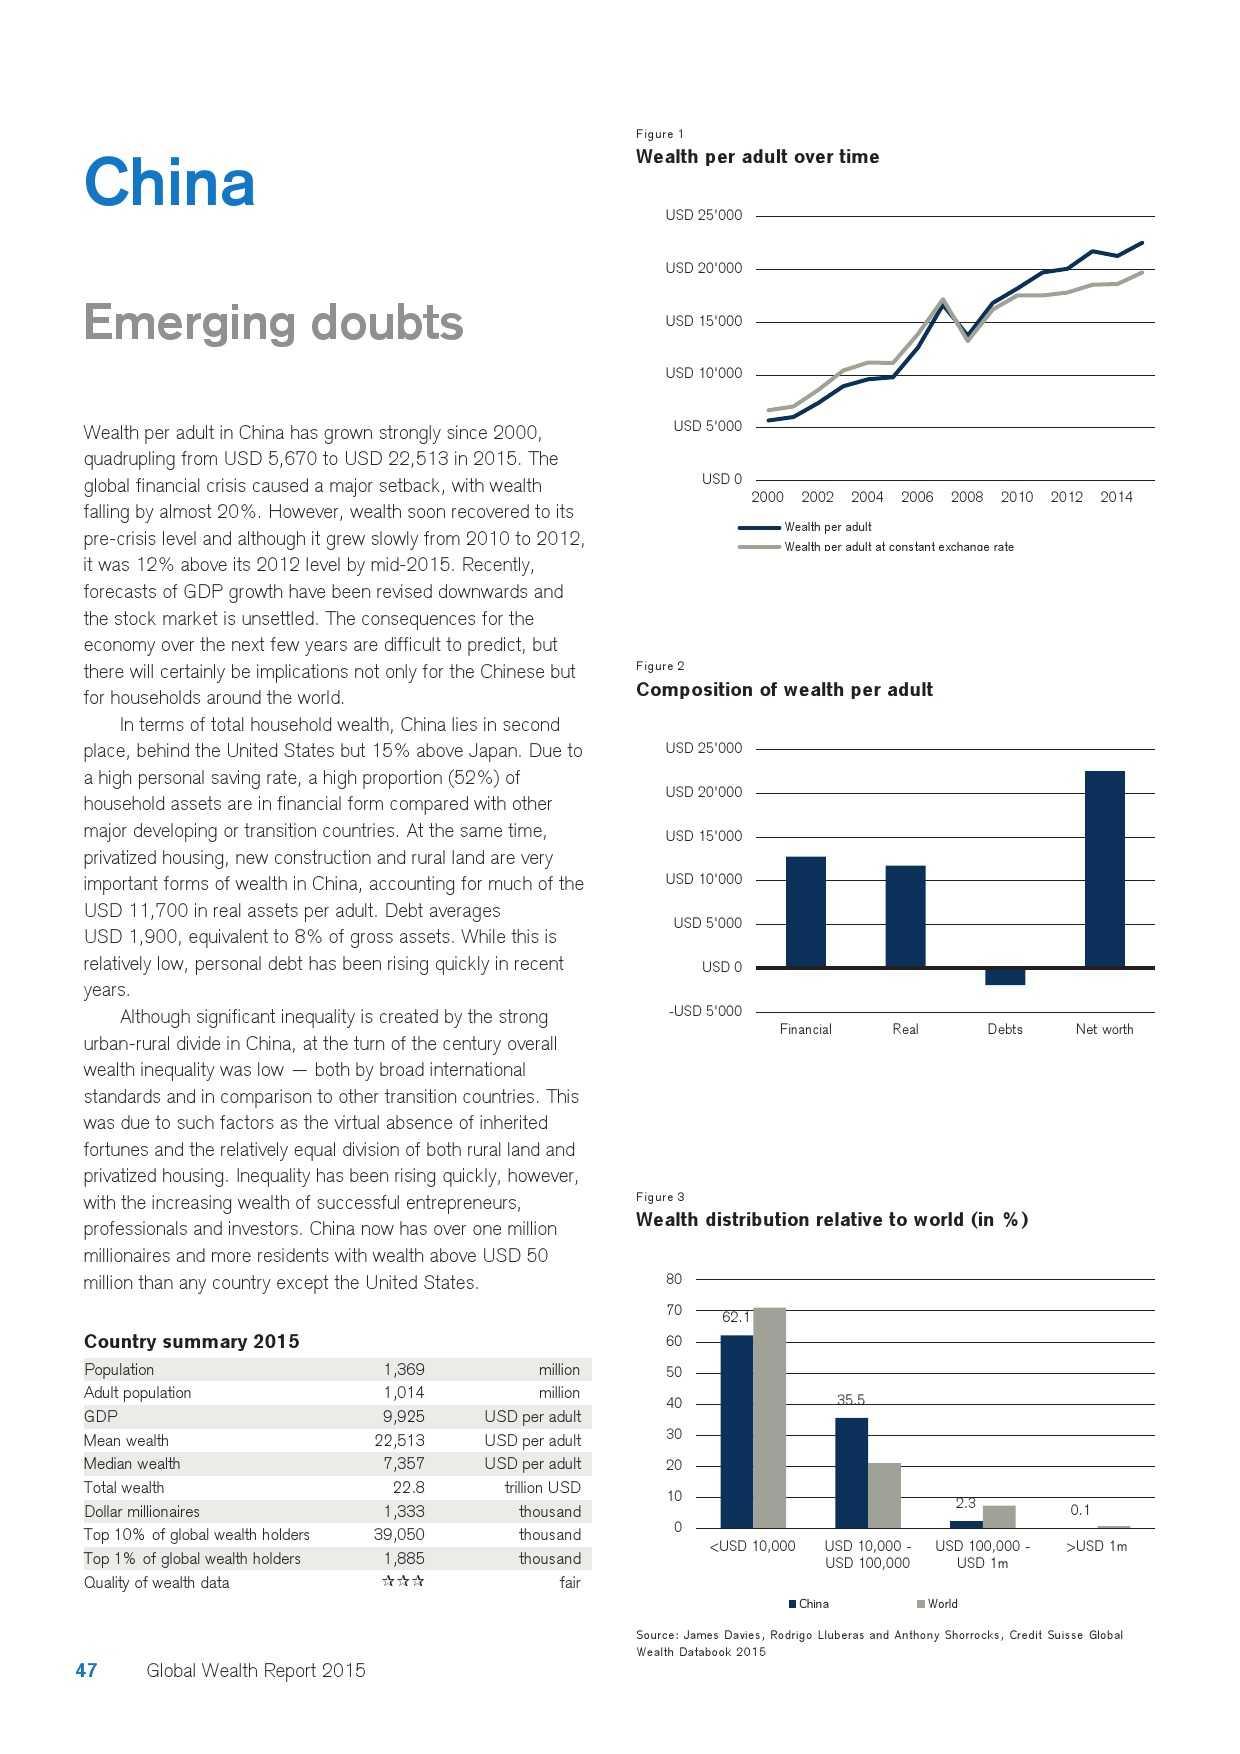 瑞士信贷:2015年全球财富报告_000047